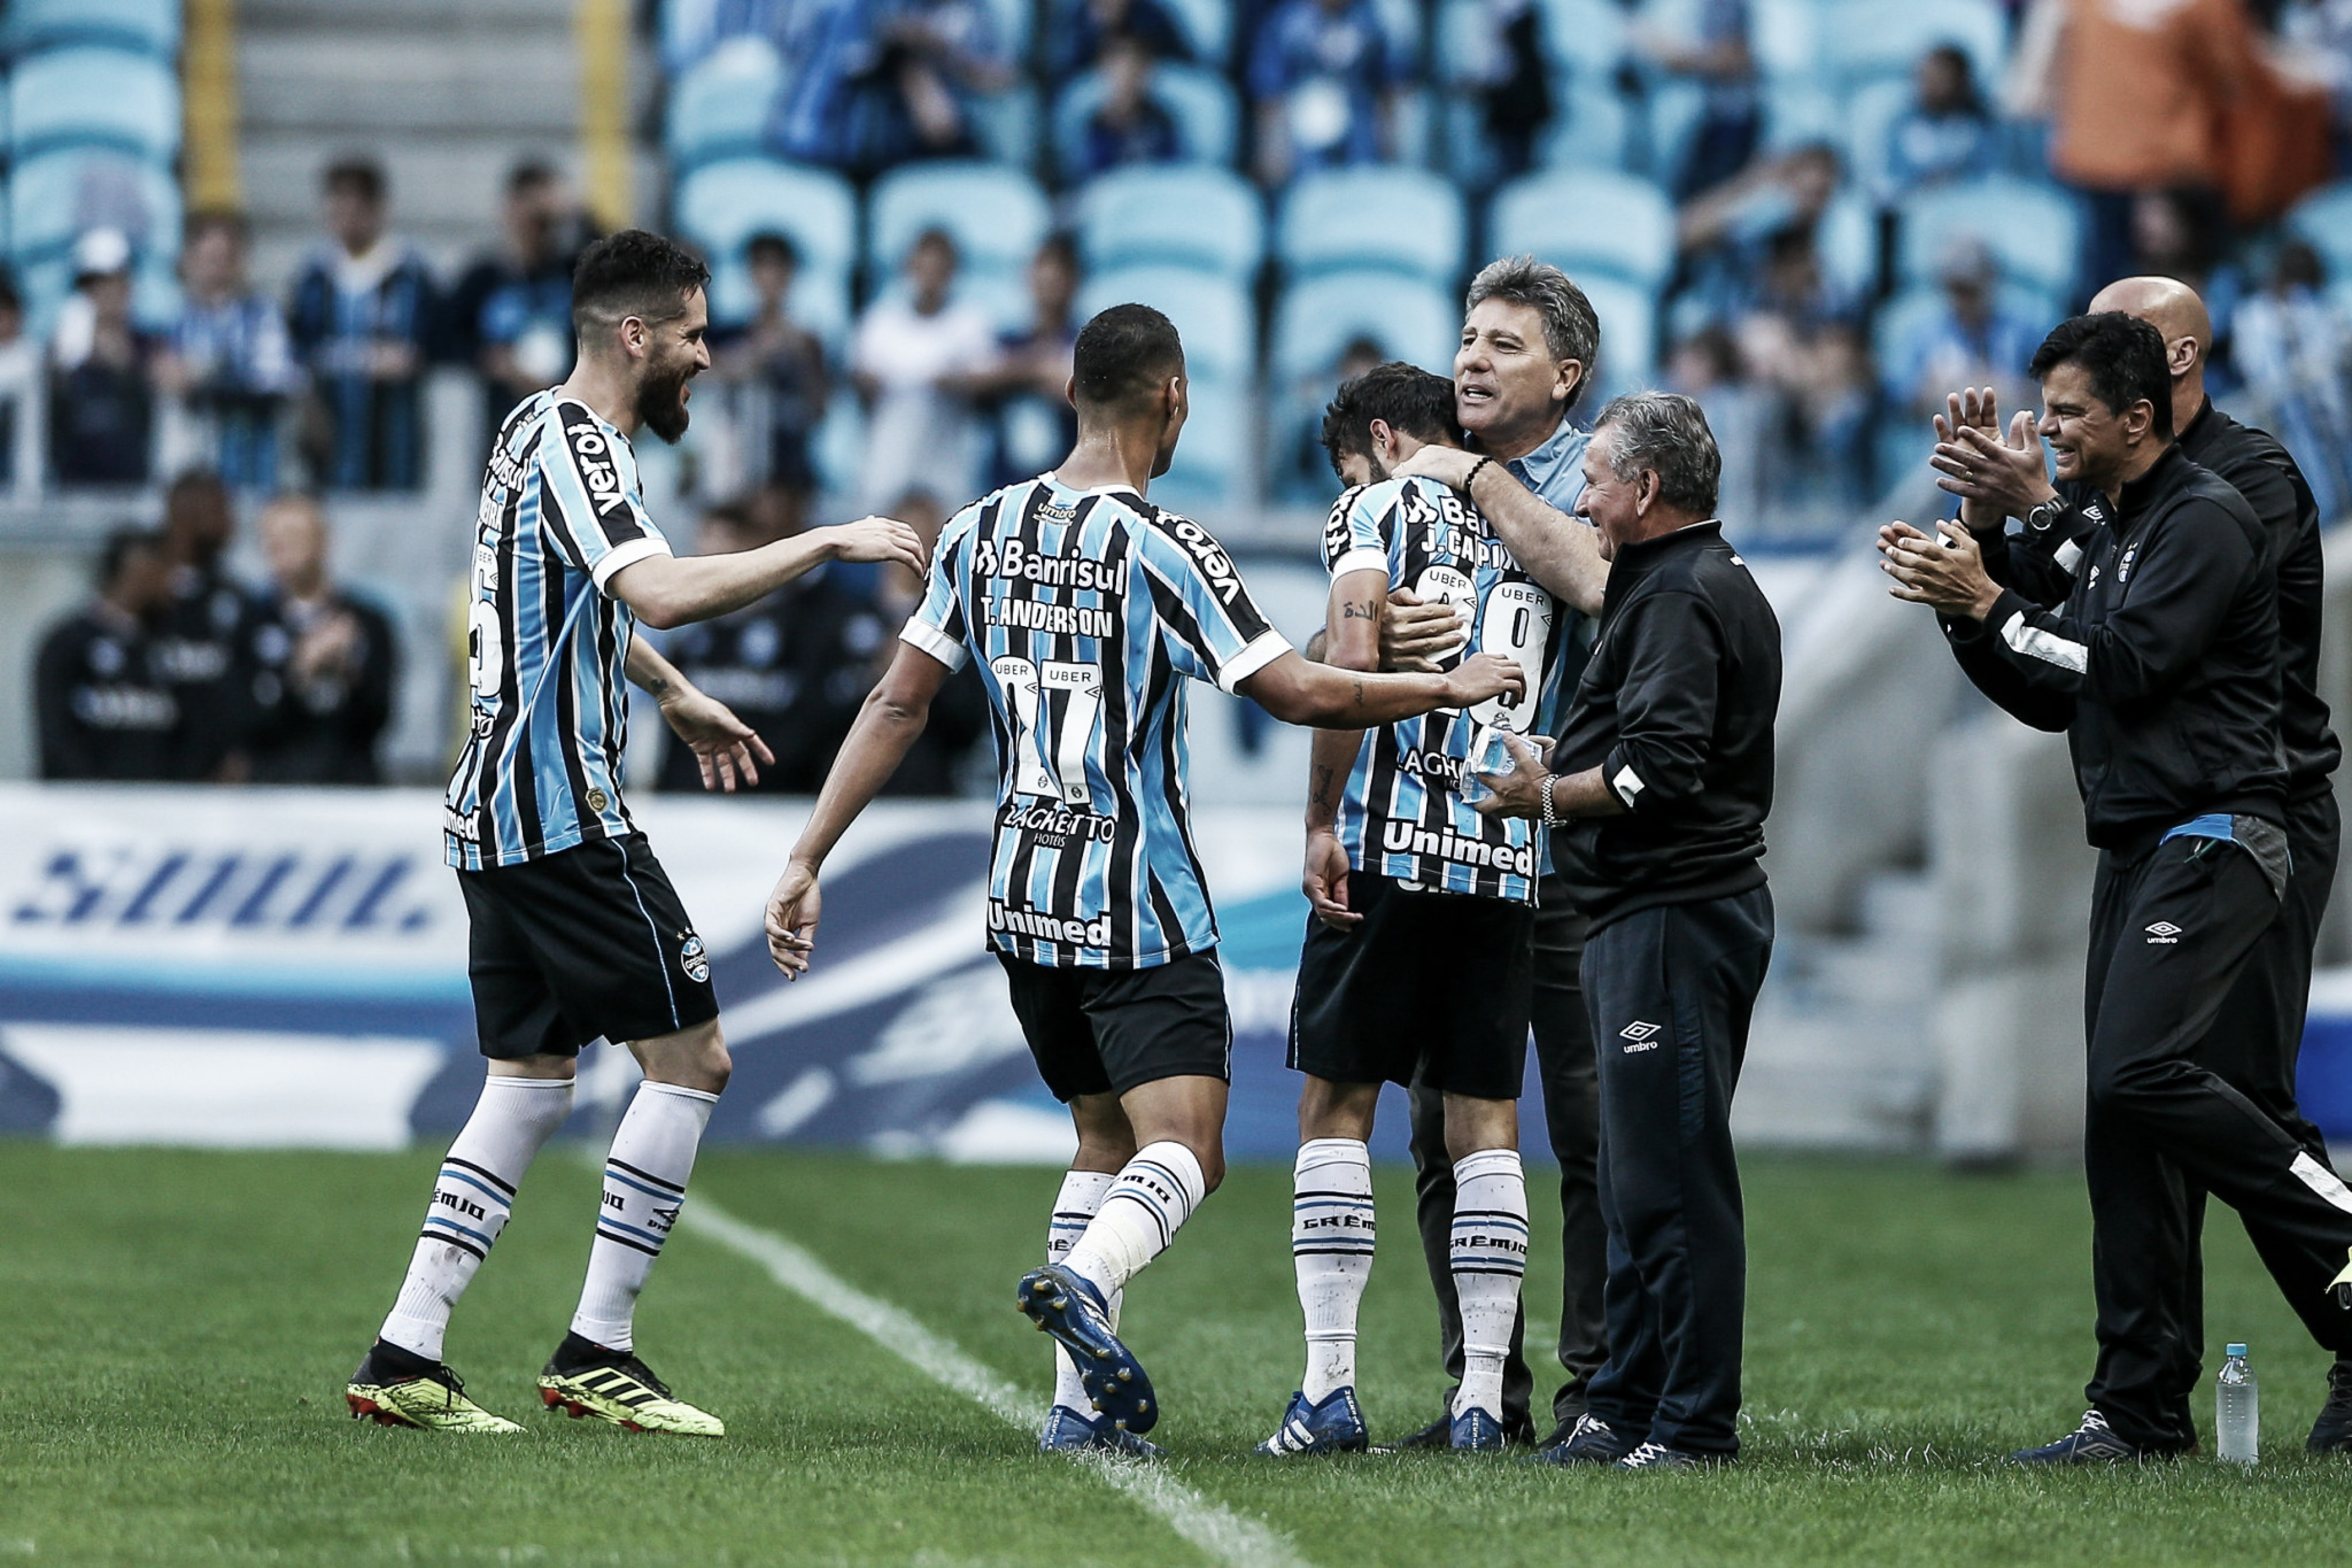 Em dia de festa pelo aniversário, Grêmio vence o Paraná com o time reserva